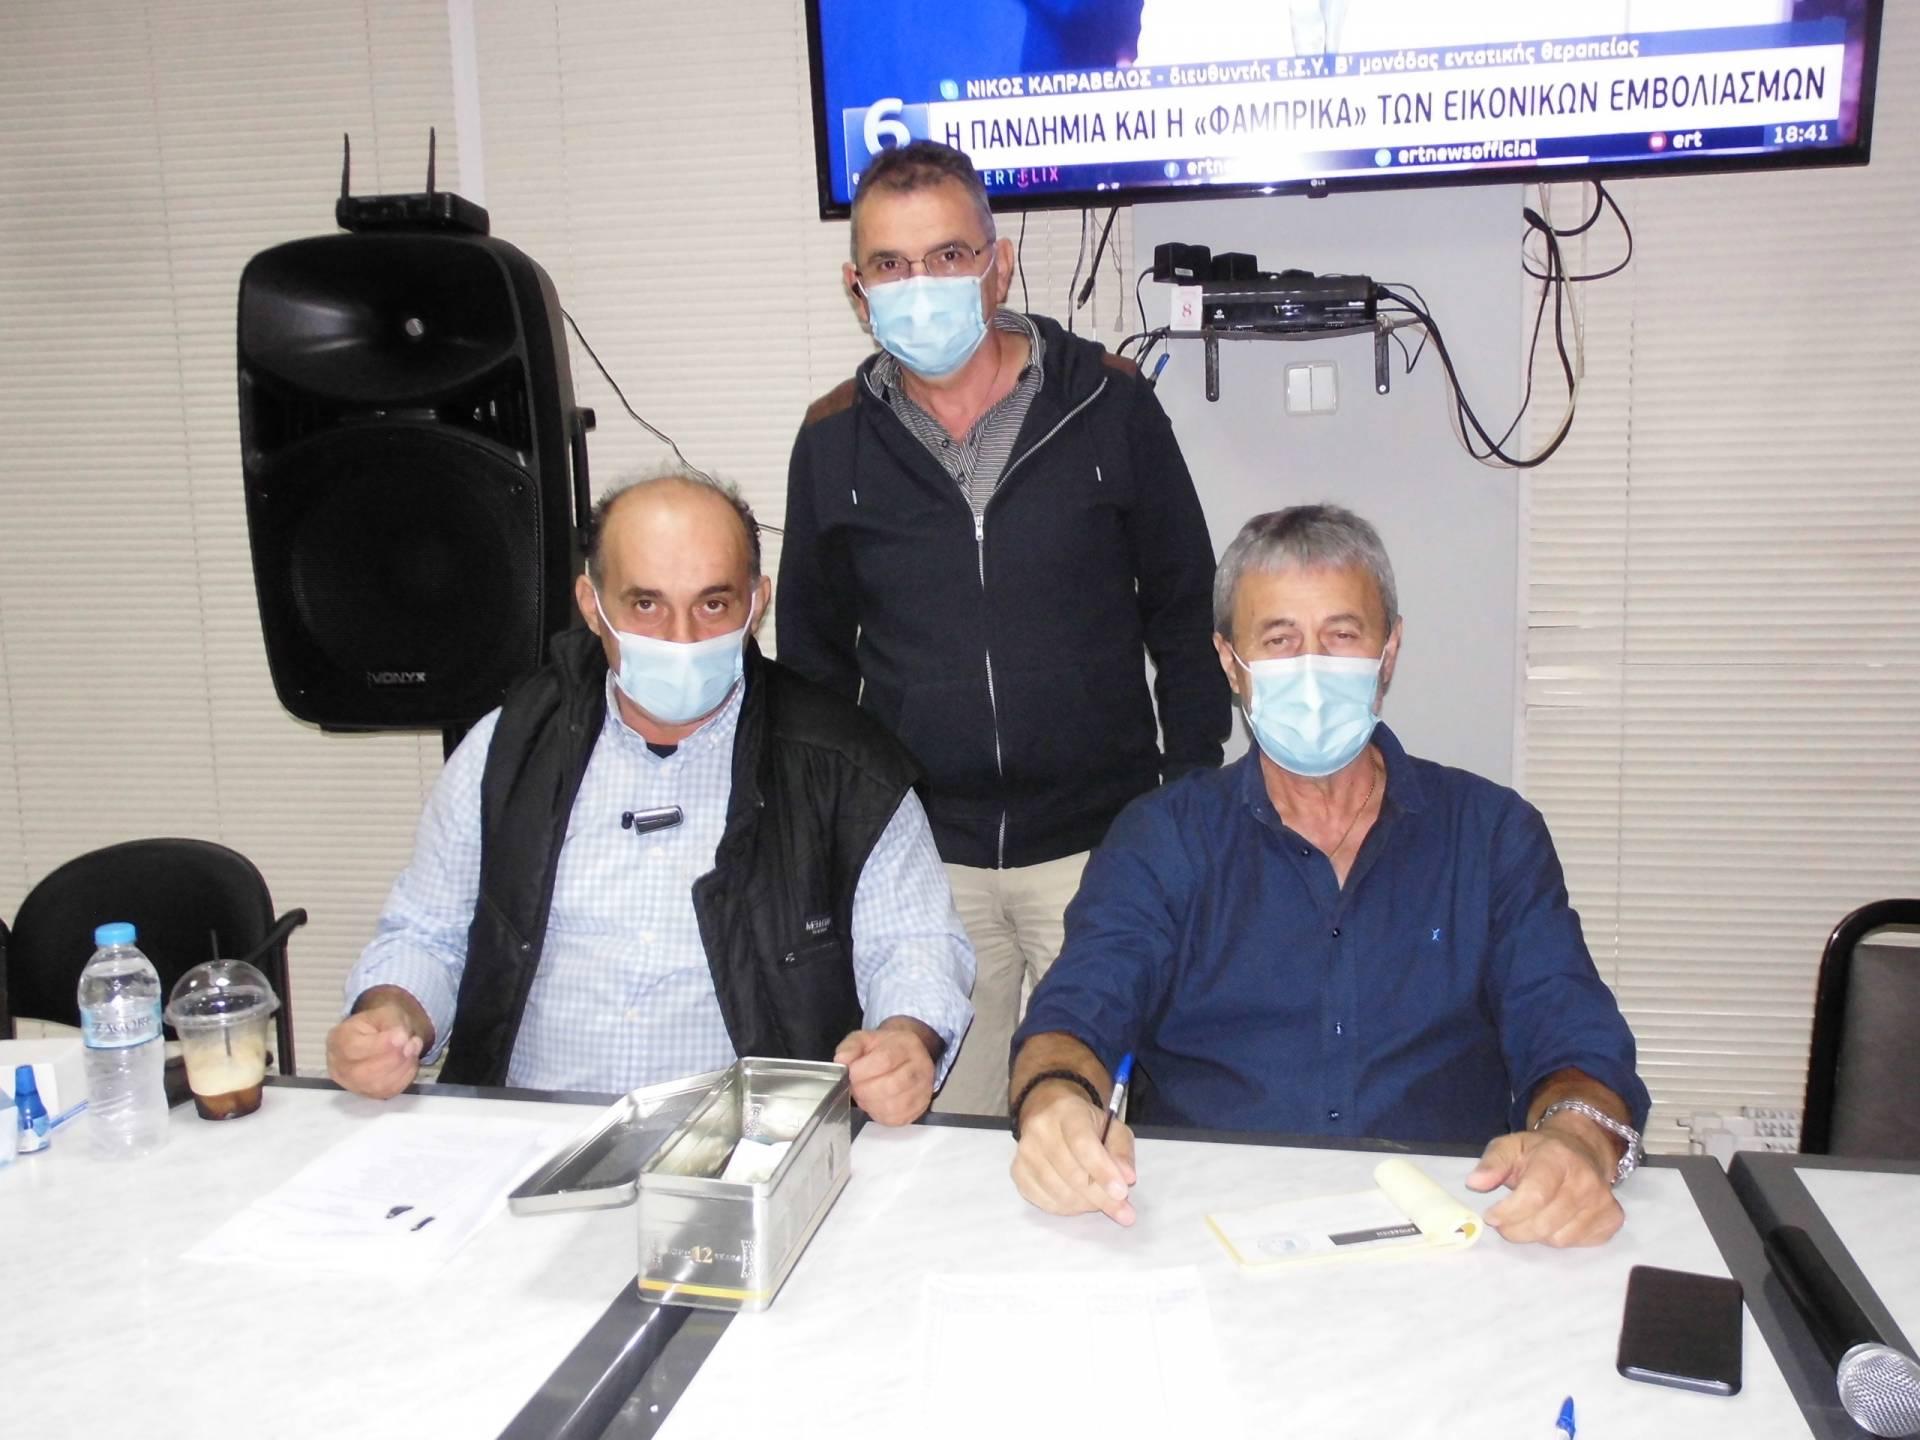 Εκλογές για το νέο Διοικητικό συμβούλιο στο Σύλλογο Γρεβενιωτών Κοζάνης «Ο ΑΙΜΙΛΙΑΝΟΣ»